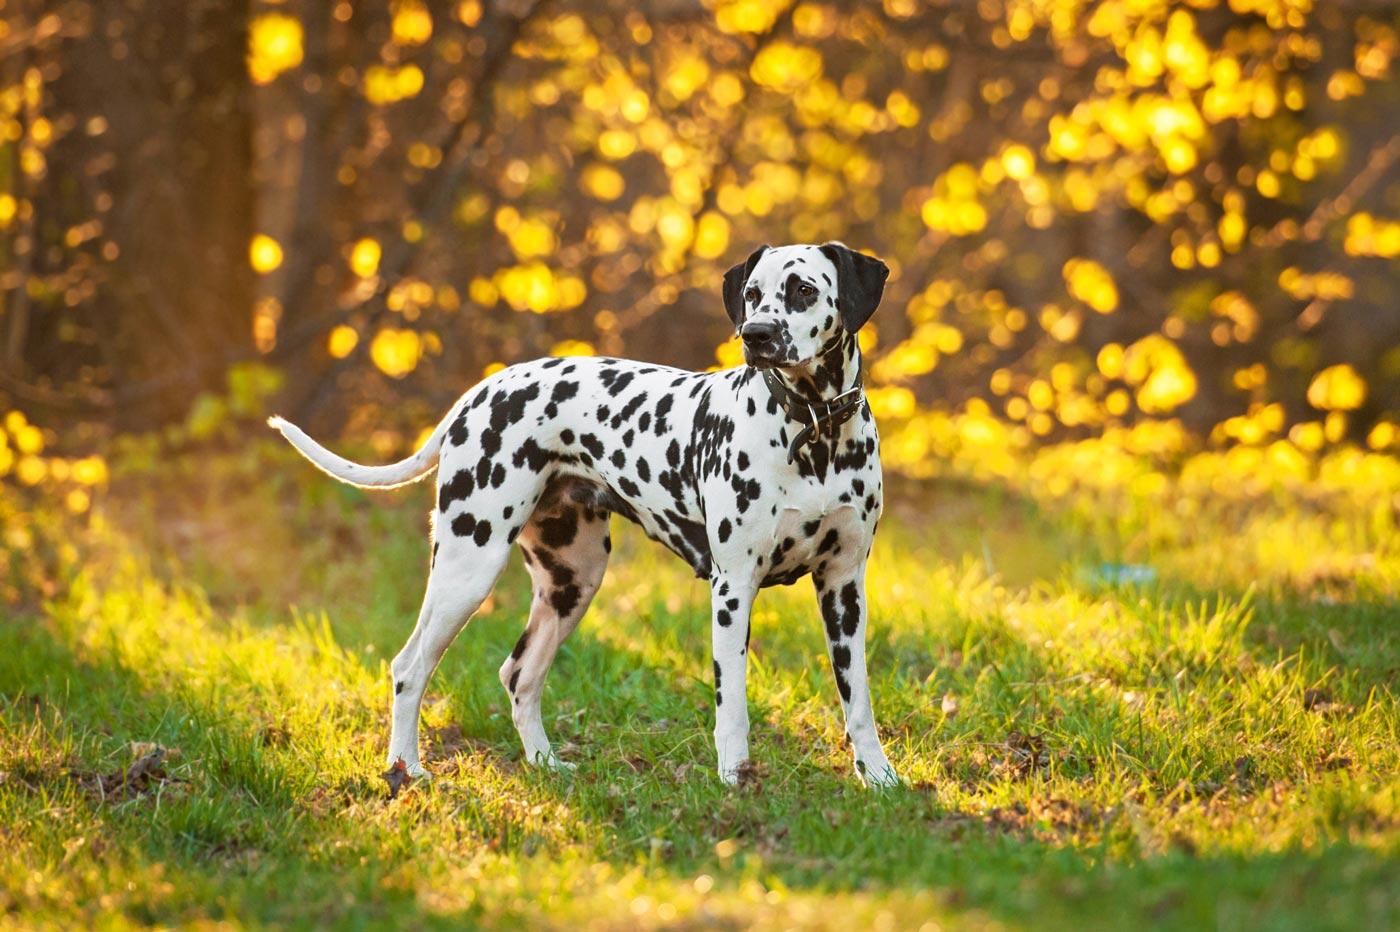 Dalmatians Dog Breeds